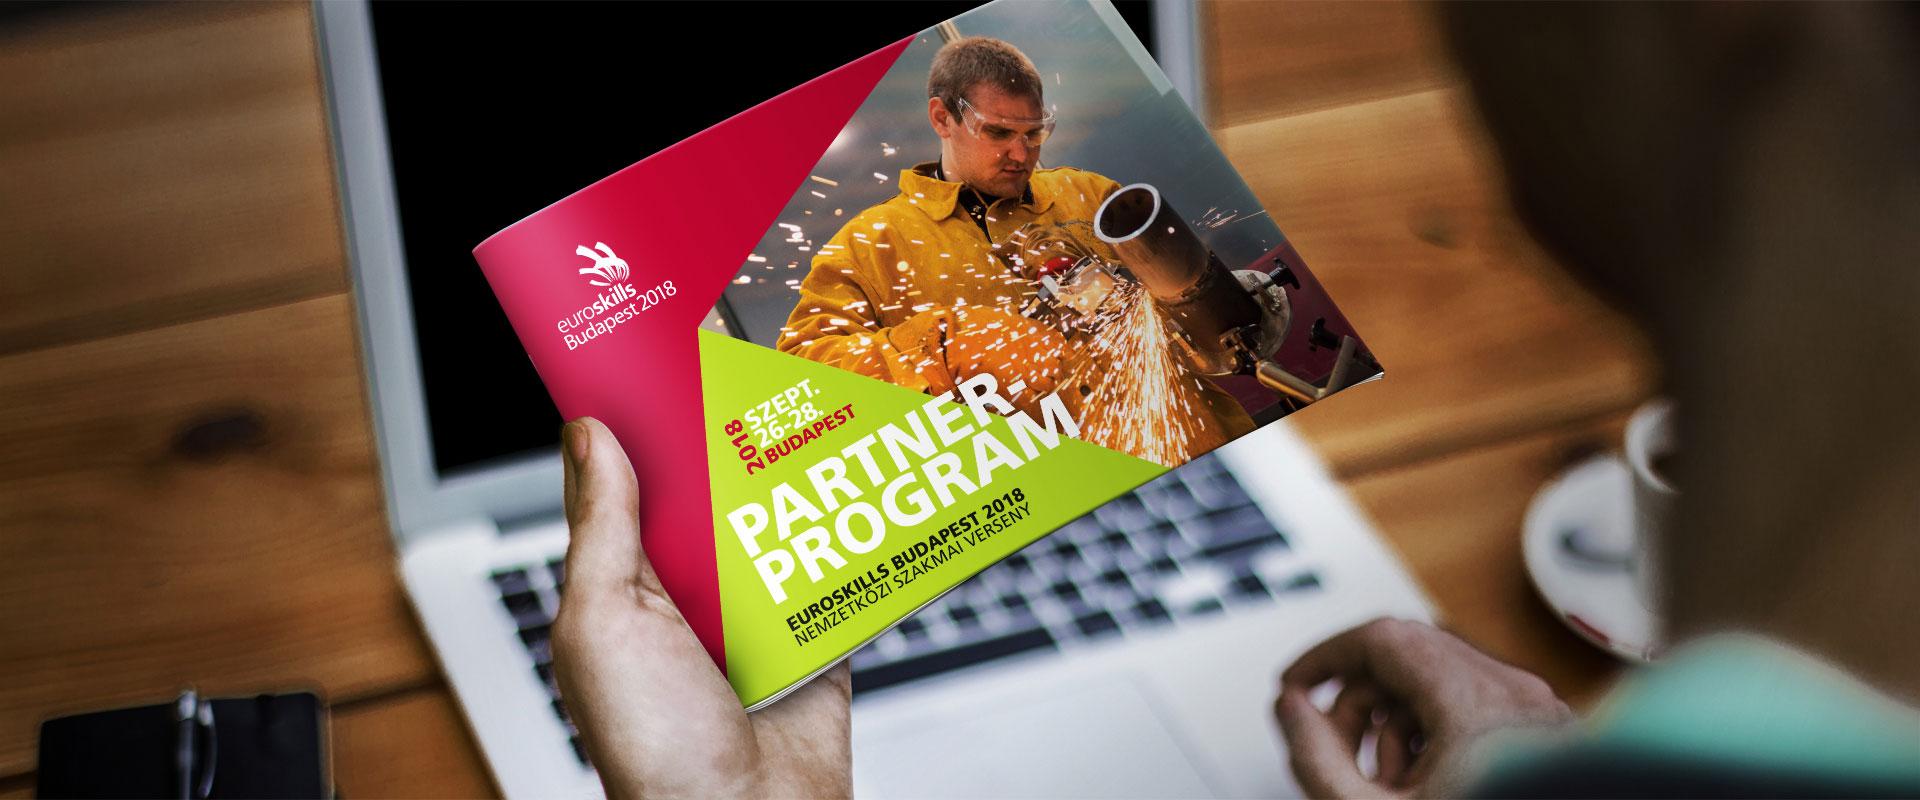 Kiadványtervezés: EuroSkills brossúra